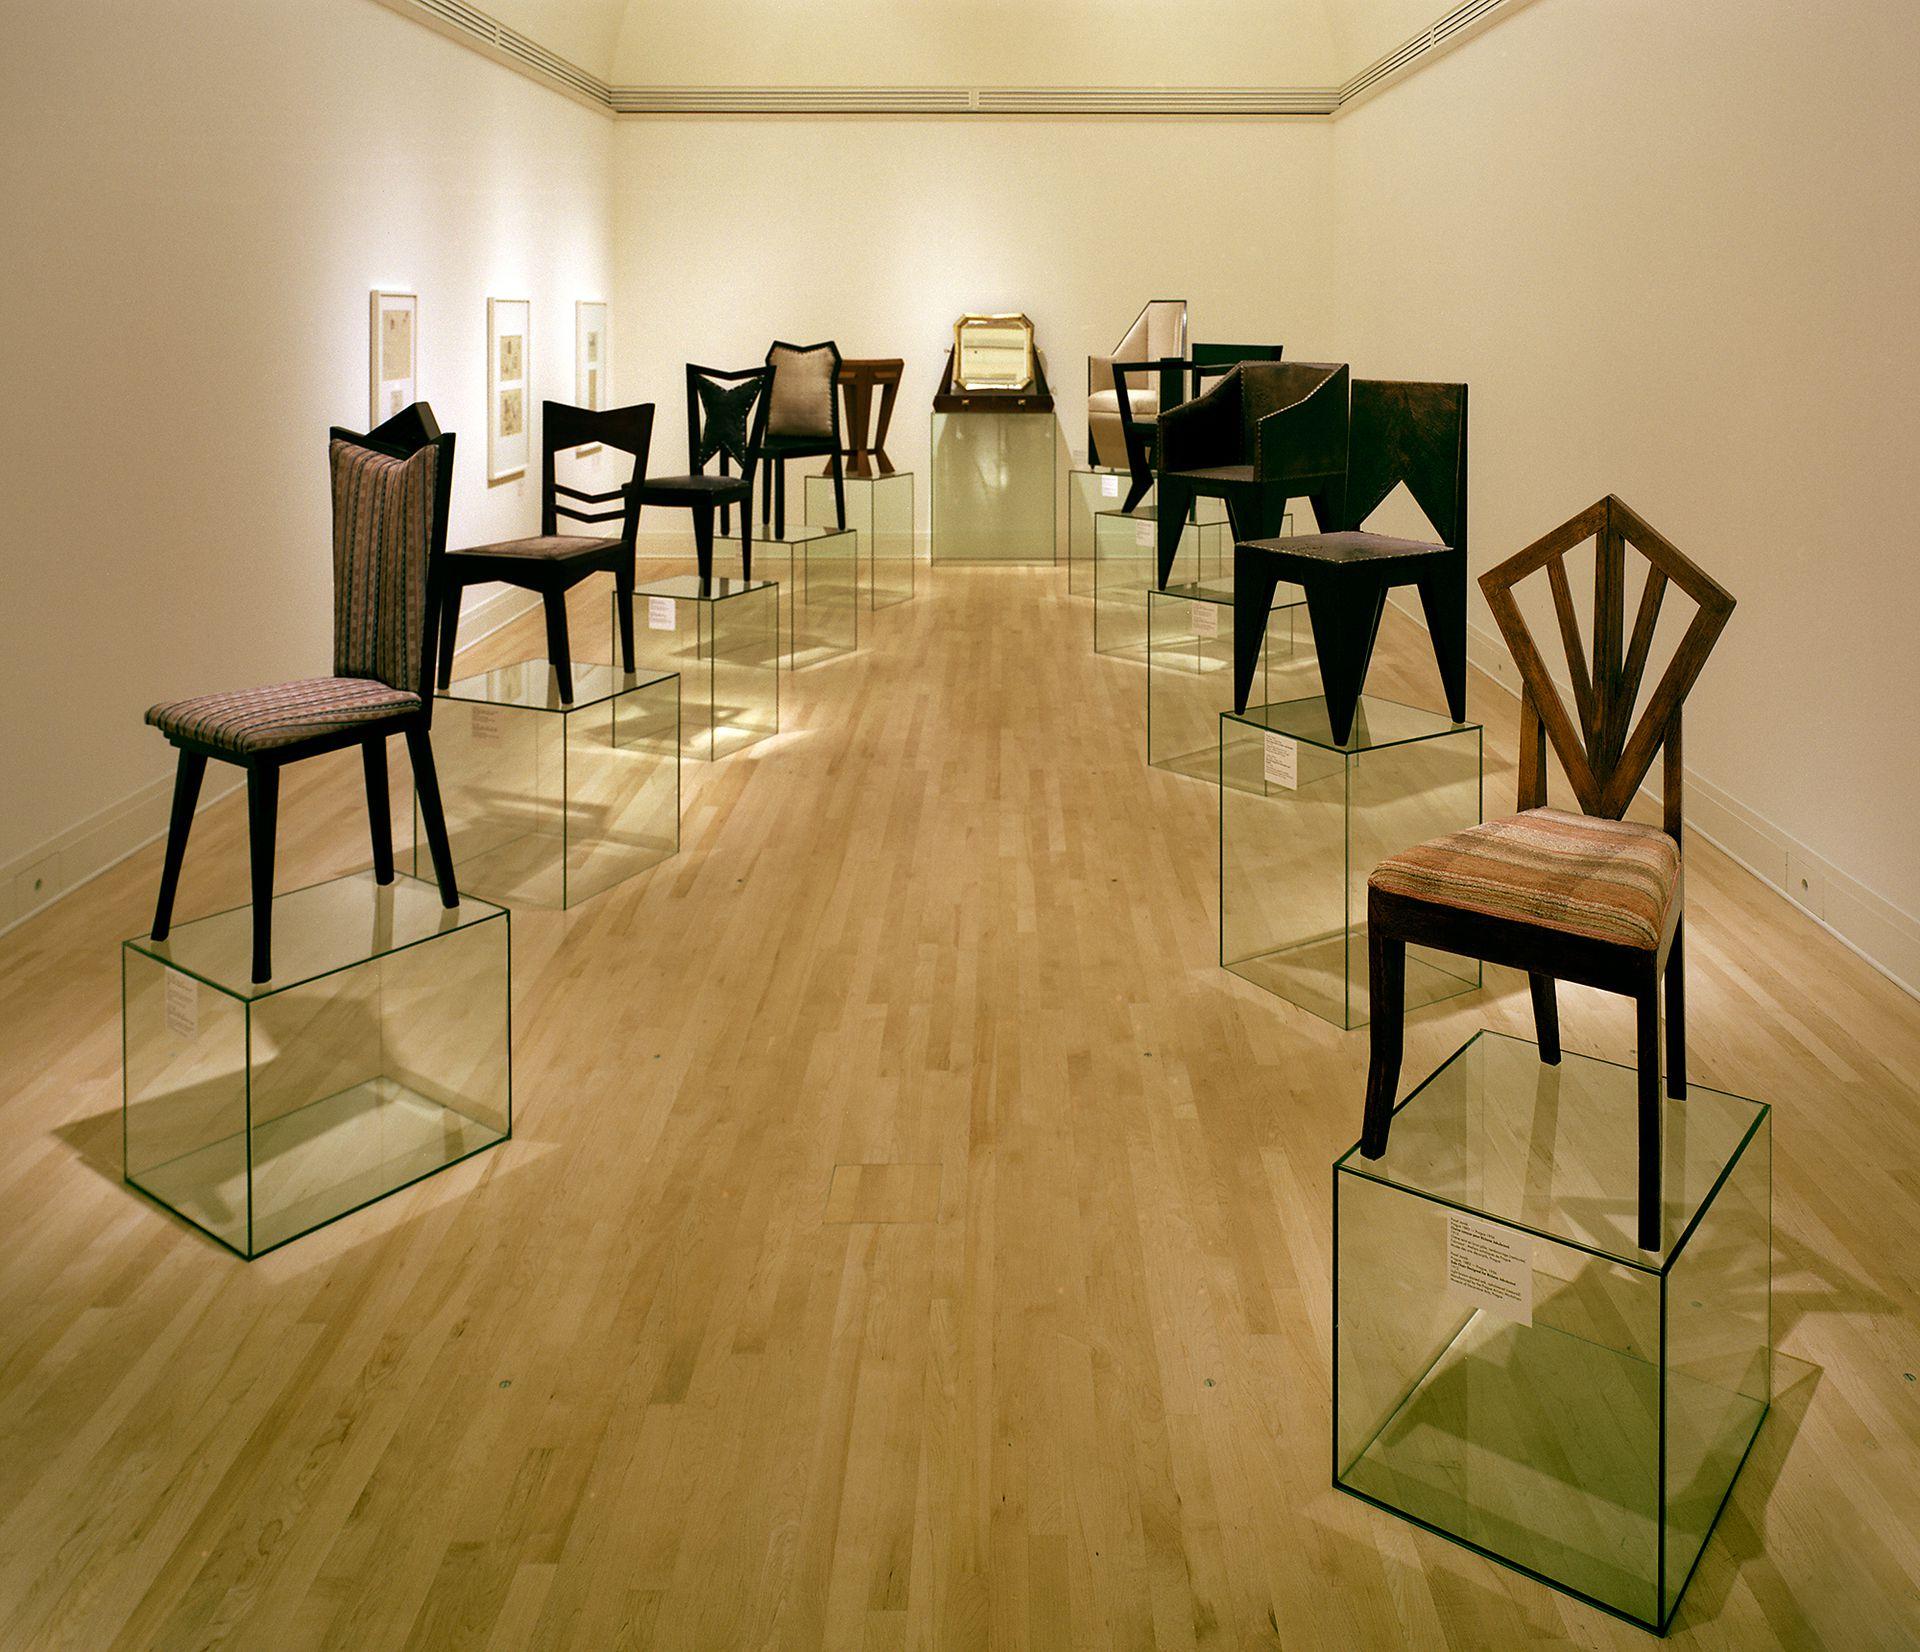 le cubisme tch que architecture et design 1910 1925. Black Bedroom Furniture Sets. Home Design Ideas